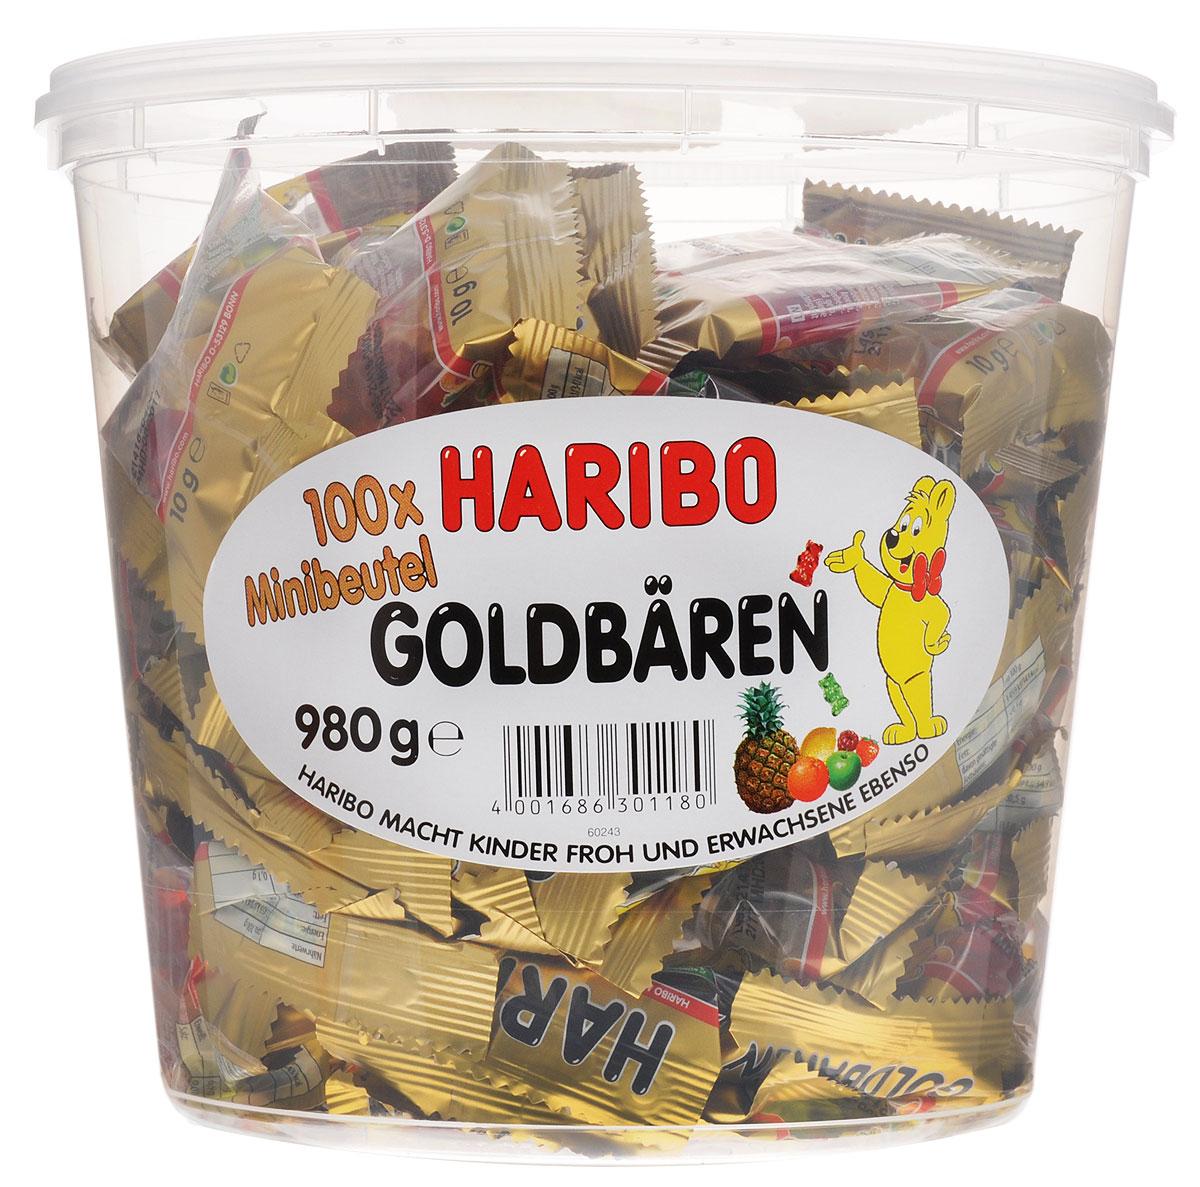 Haribo Золотые мишки-мини мармелад жевательный, 980 г30121DHaribo Золотые мишки-мини – это тот же хорошо знакомый мармелад, только в компактном формате. Много маленьких пакетиков по 9,8 г – это отличное решение для вечеринки или детского праздника, где можно каждого угостить этим мармеладом в индивидуальной упаковке!